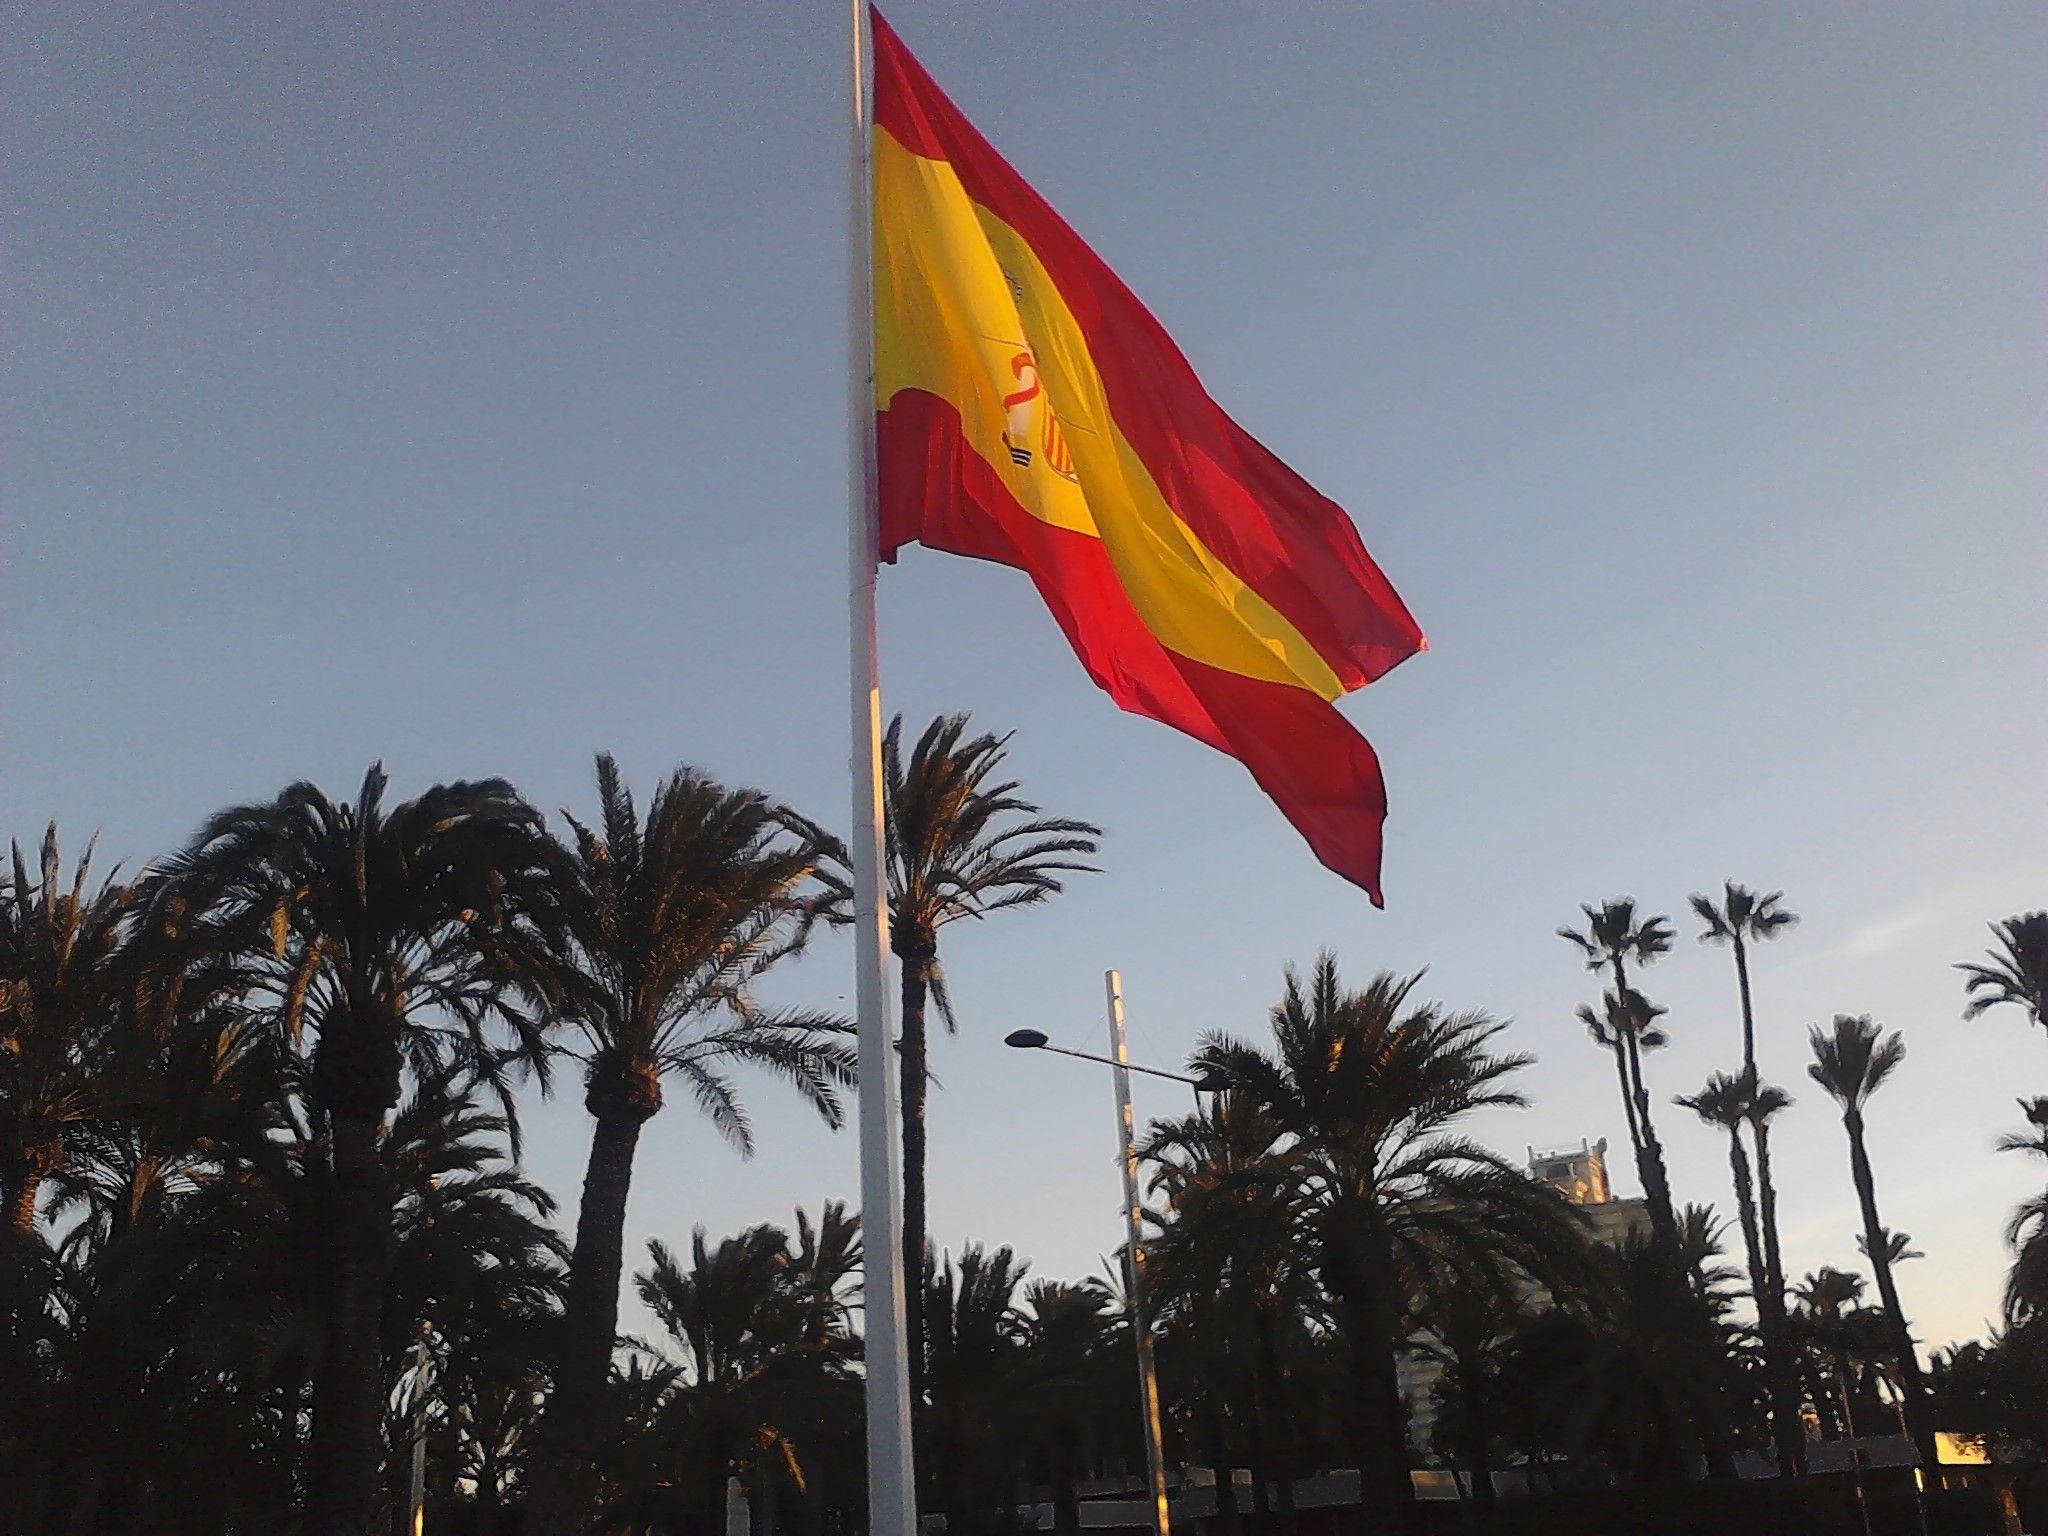 Bandera Española Ondeando ¡Viva España! Y los Españoles | Banderas ...